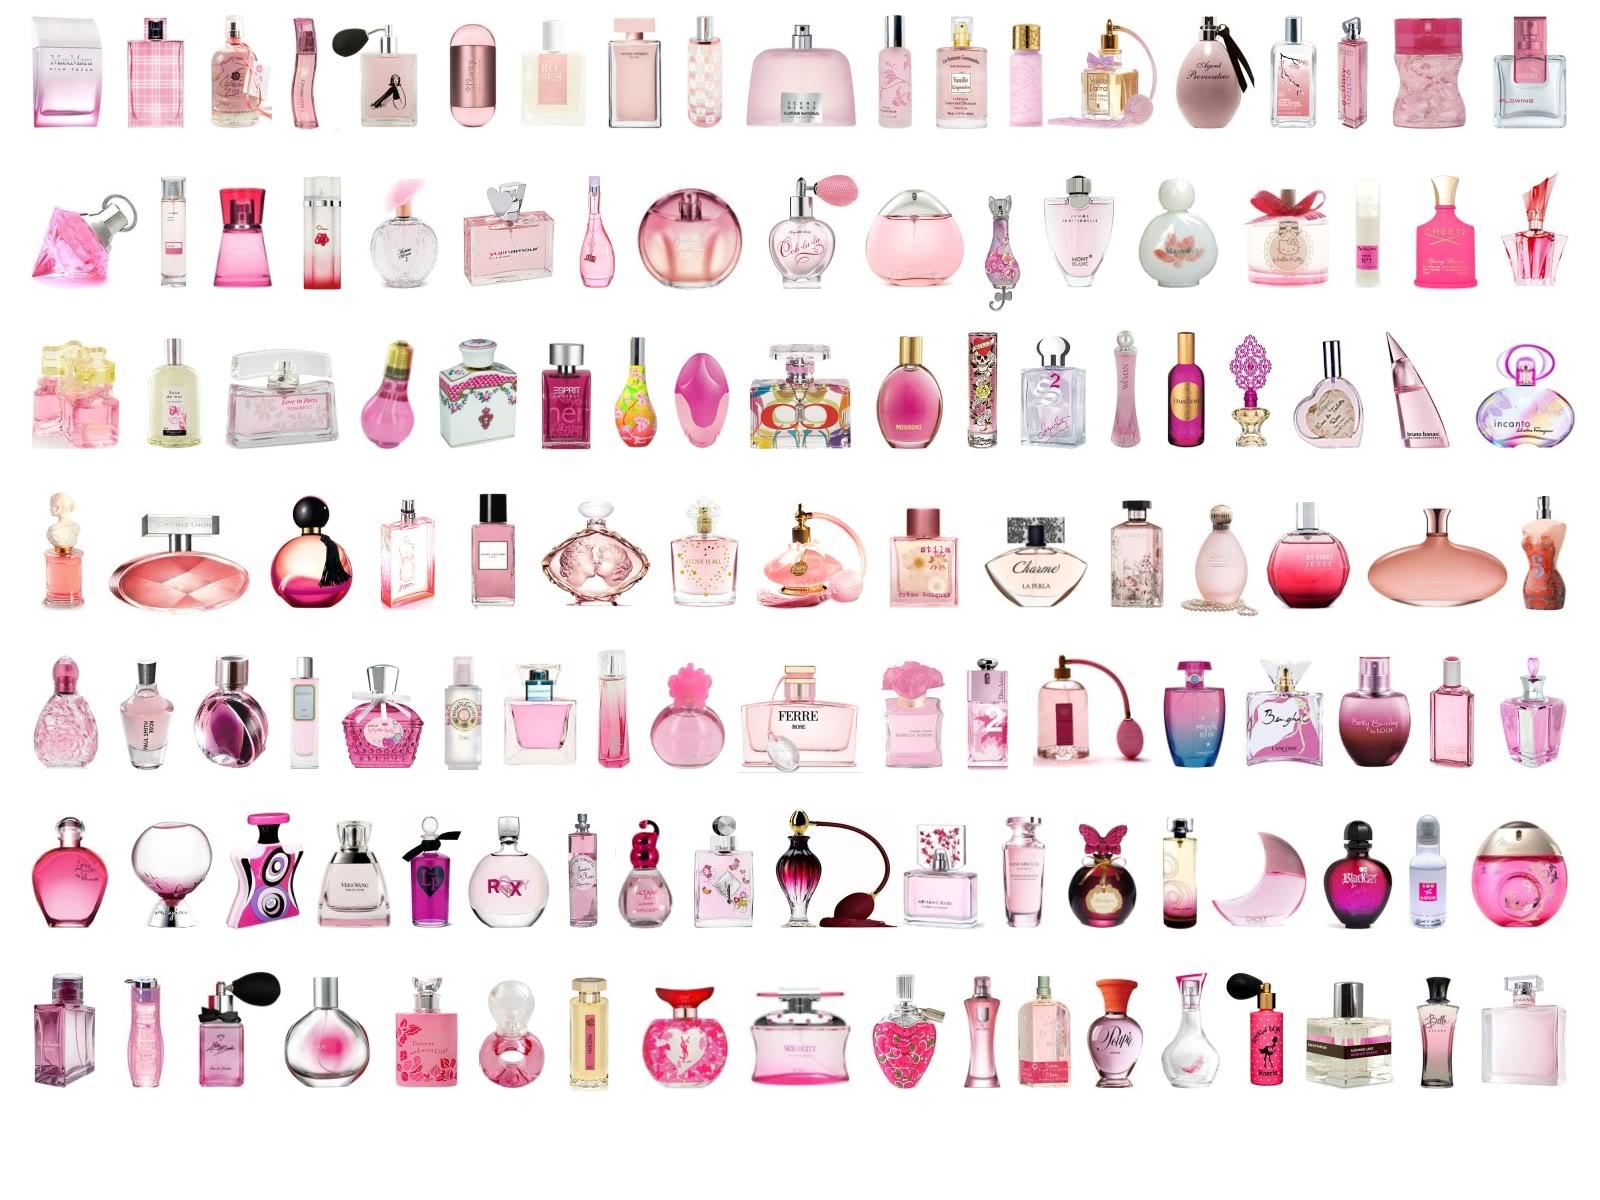 rózsaszín üvegek